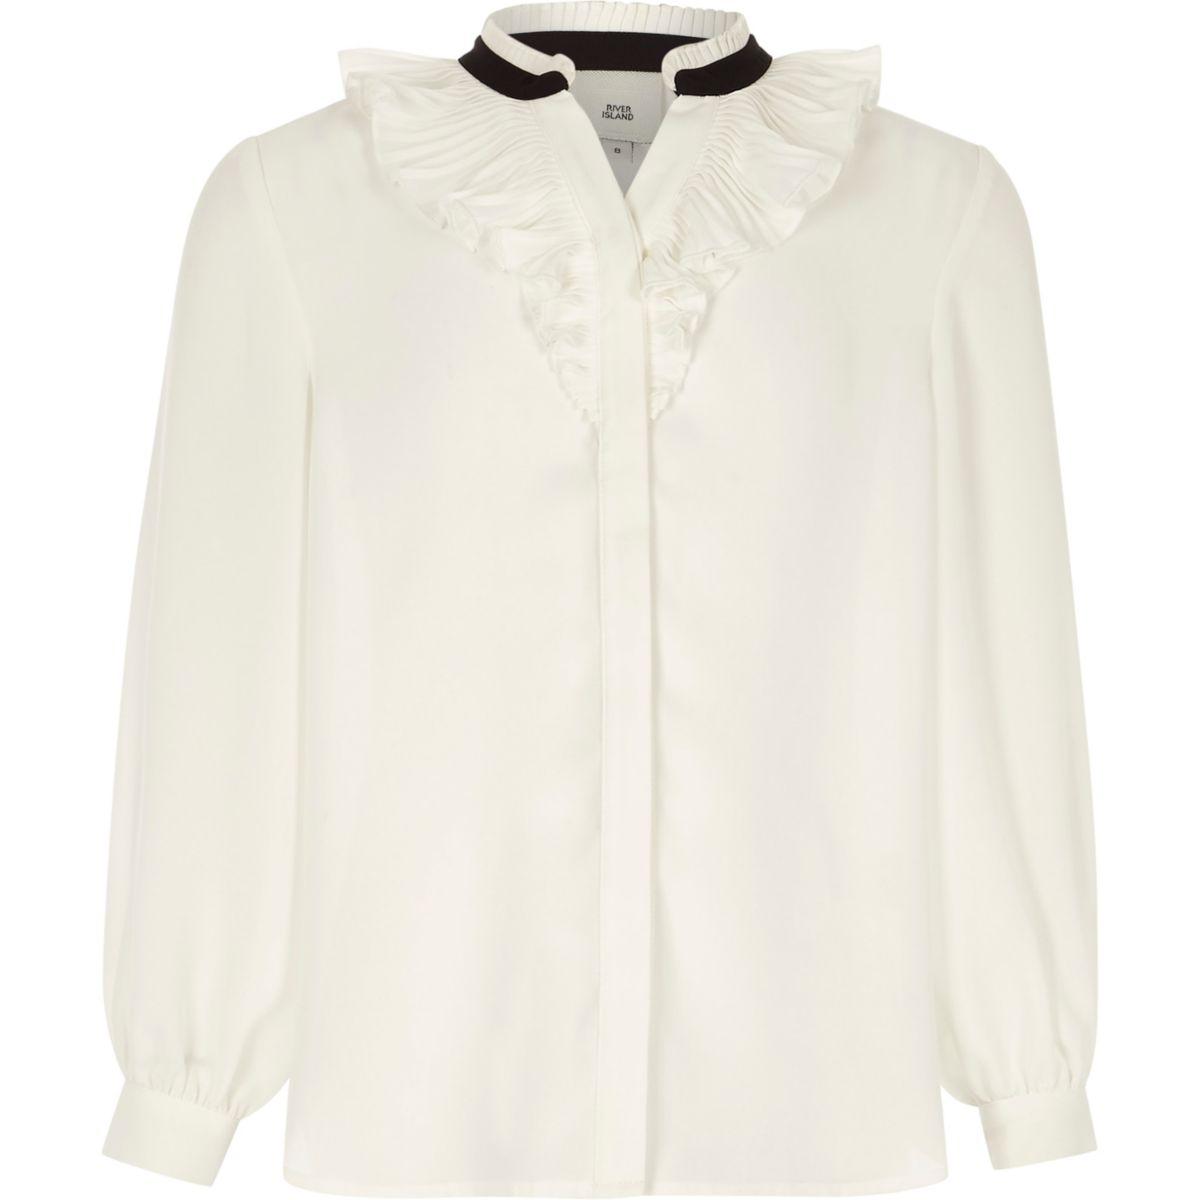 Weiße Bluse mit Rüschen